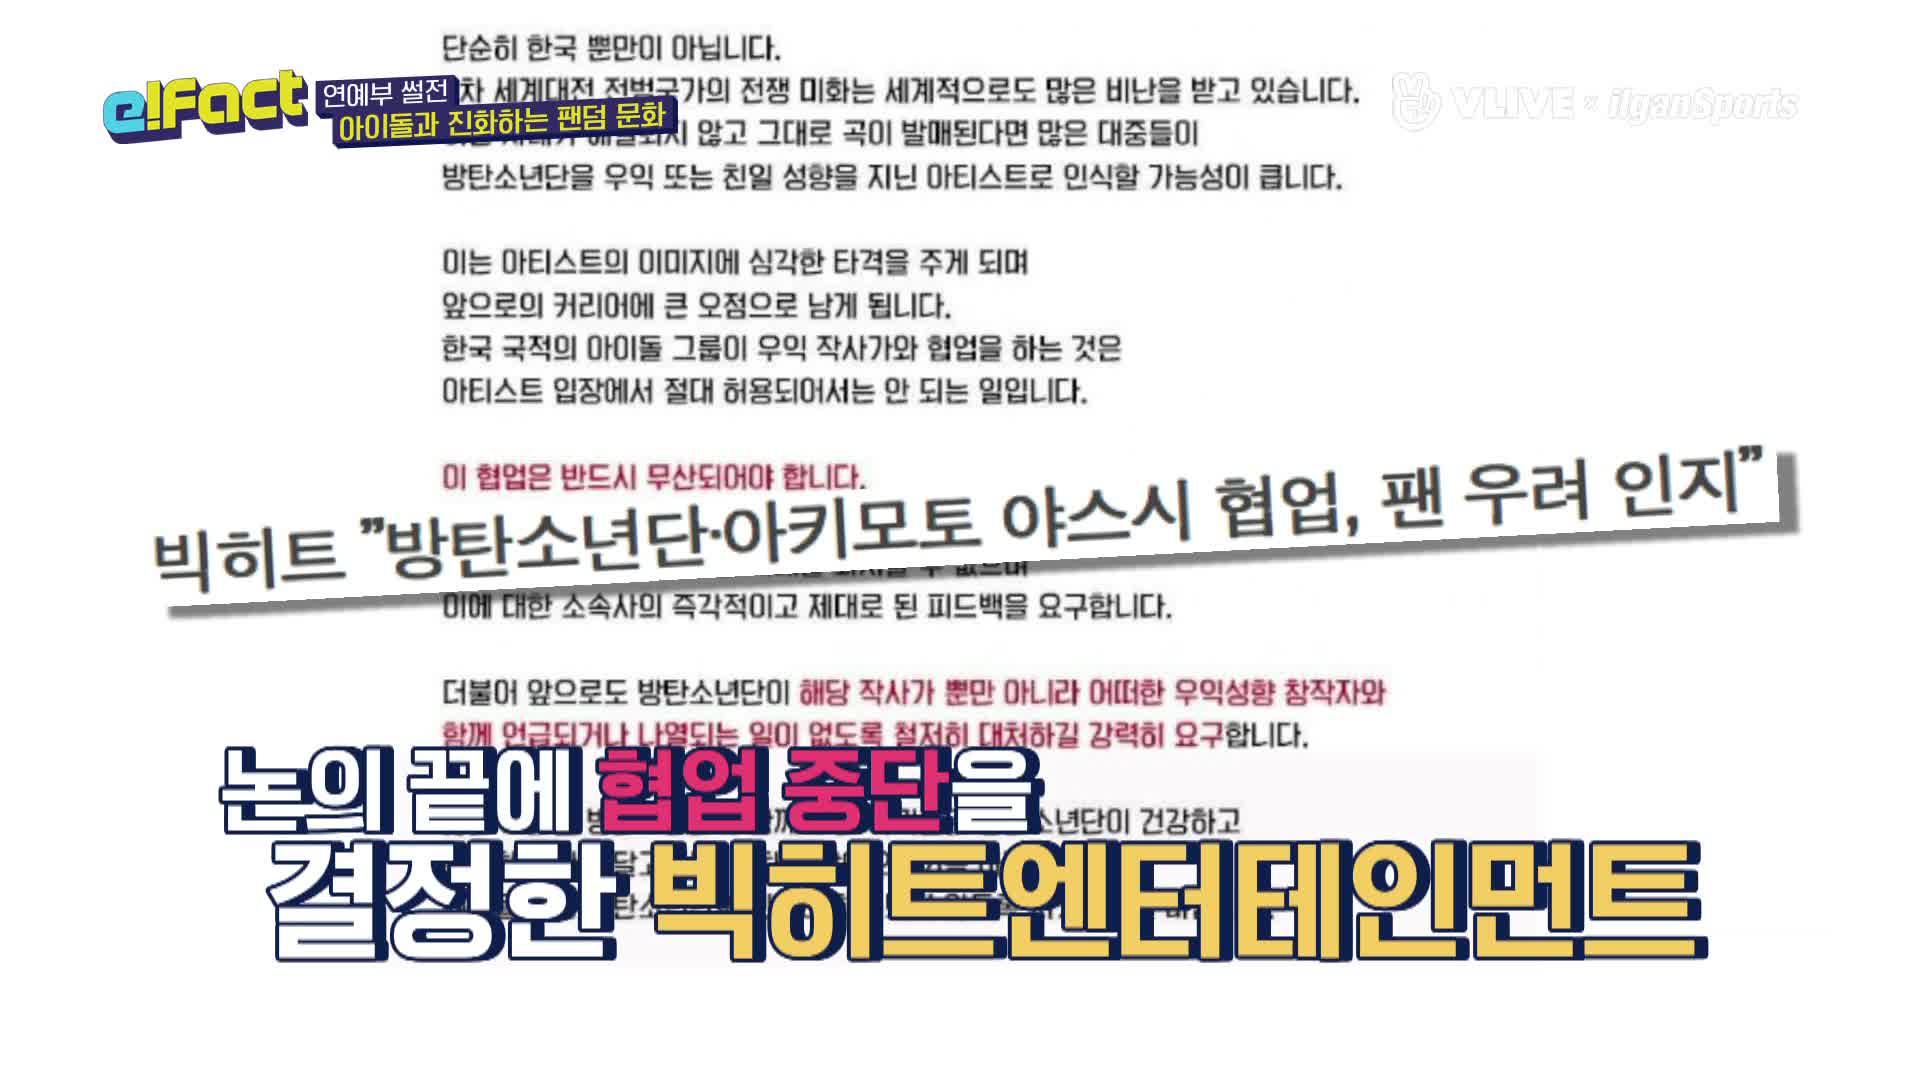 방탄♡아미, 여자친구♡버디, 슈주♡엘프 등 스타지킴이! 쓴소리도 아끼지 않는 2018년판 新팬덤문화